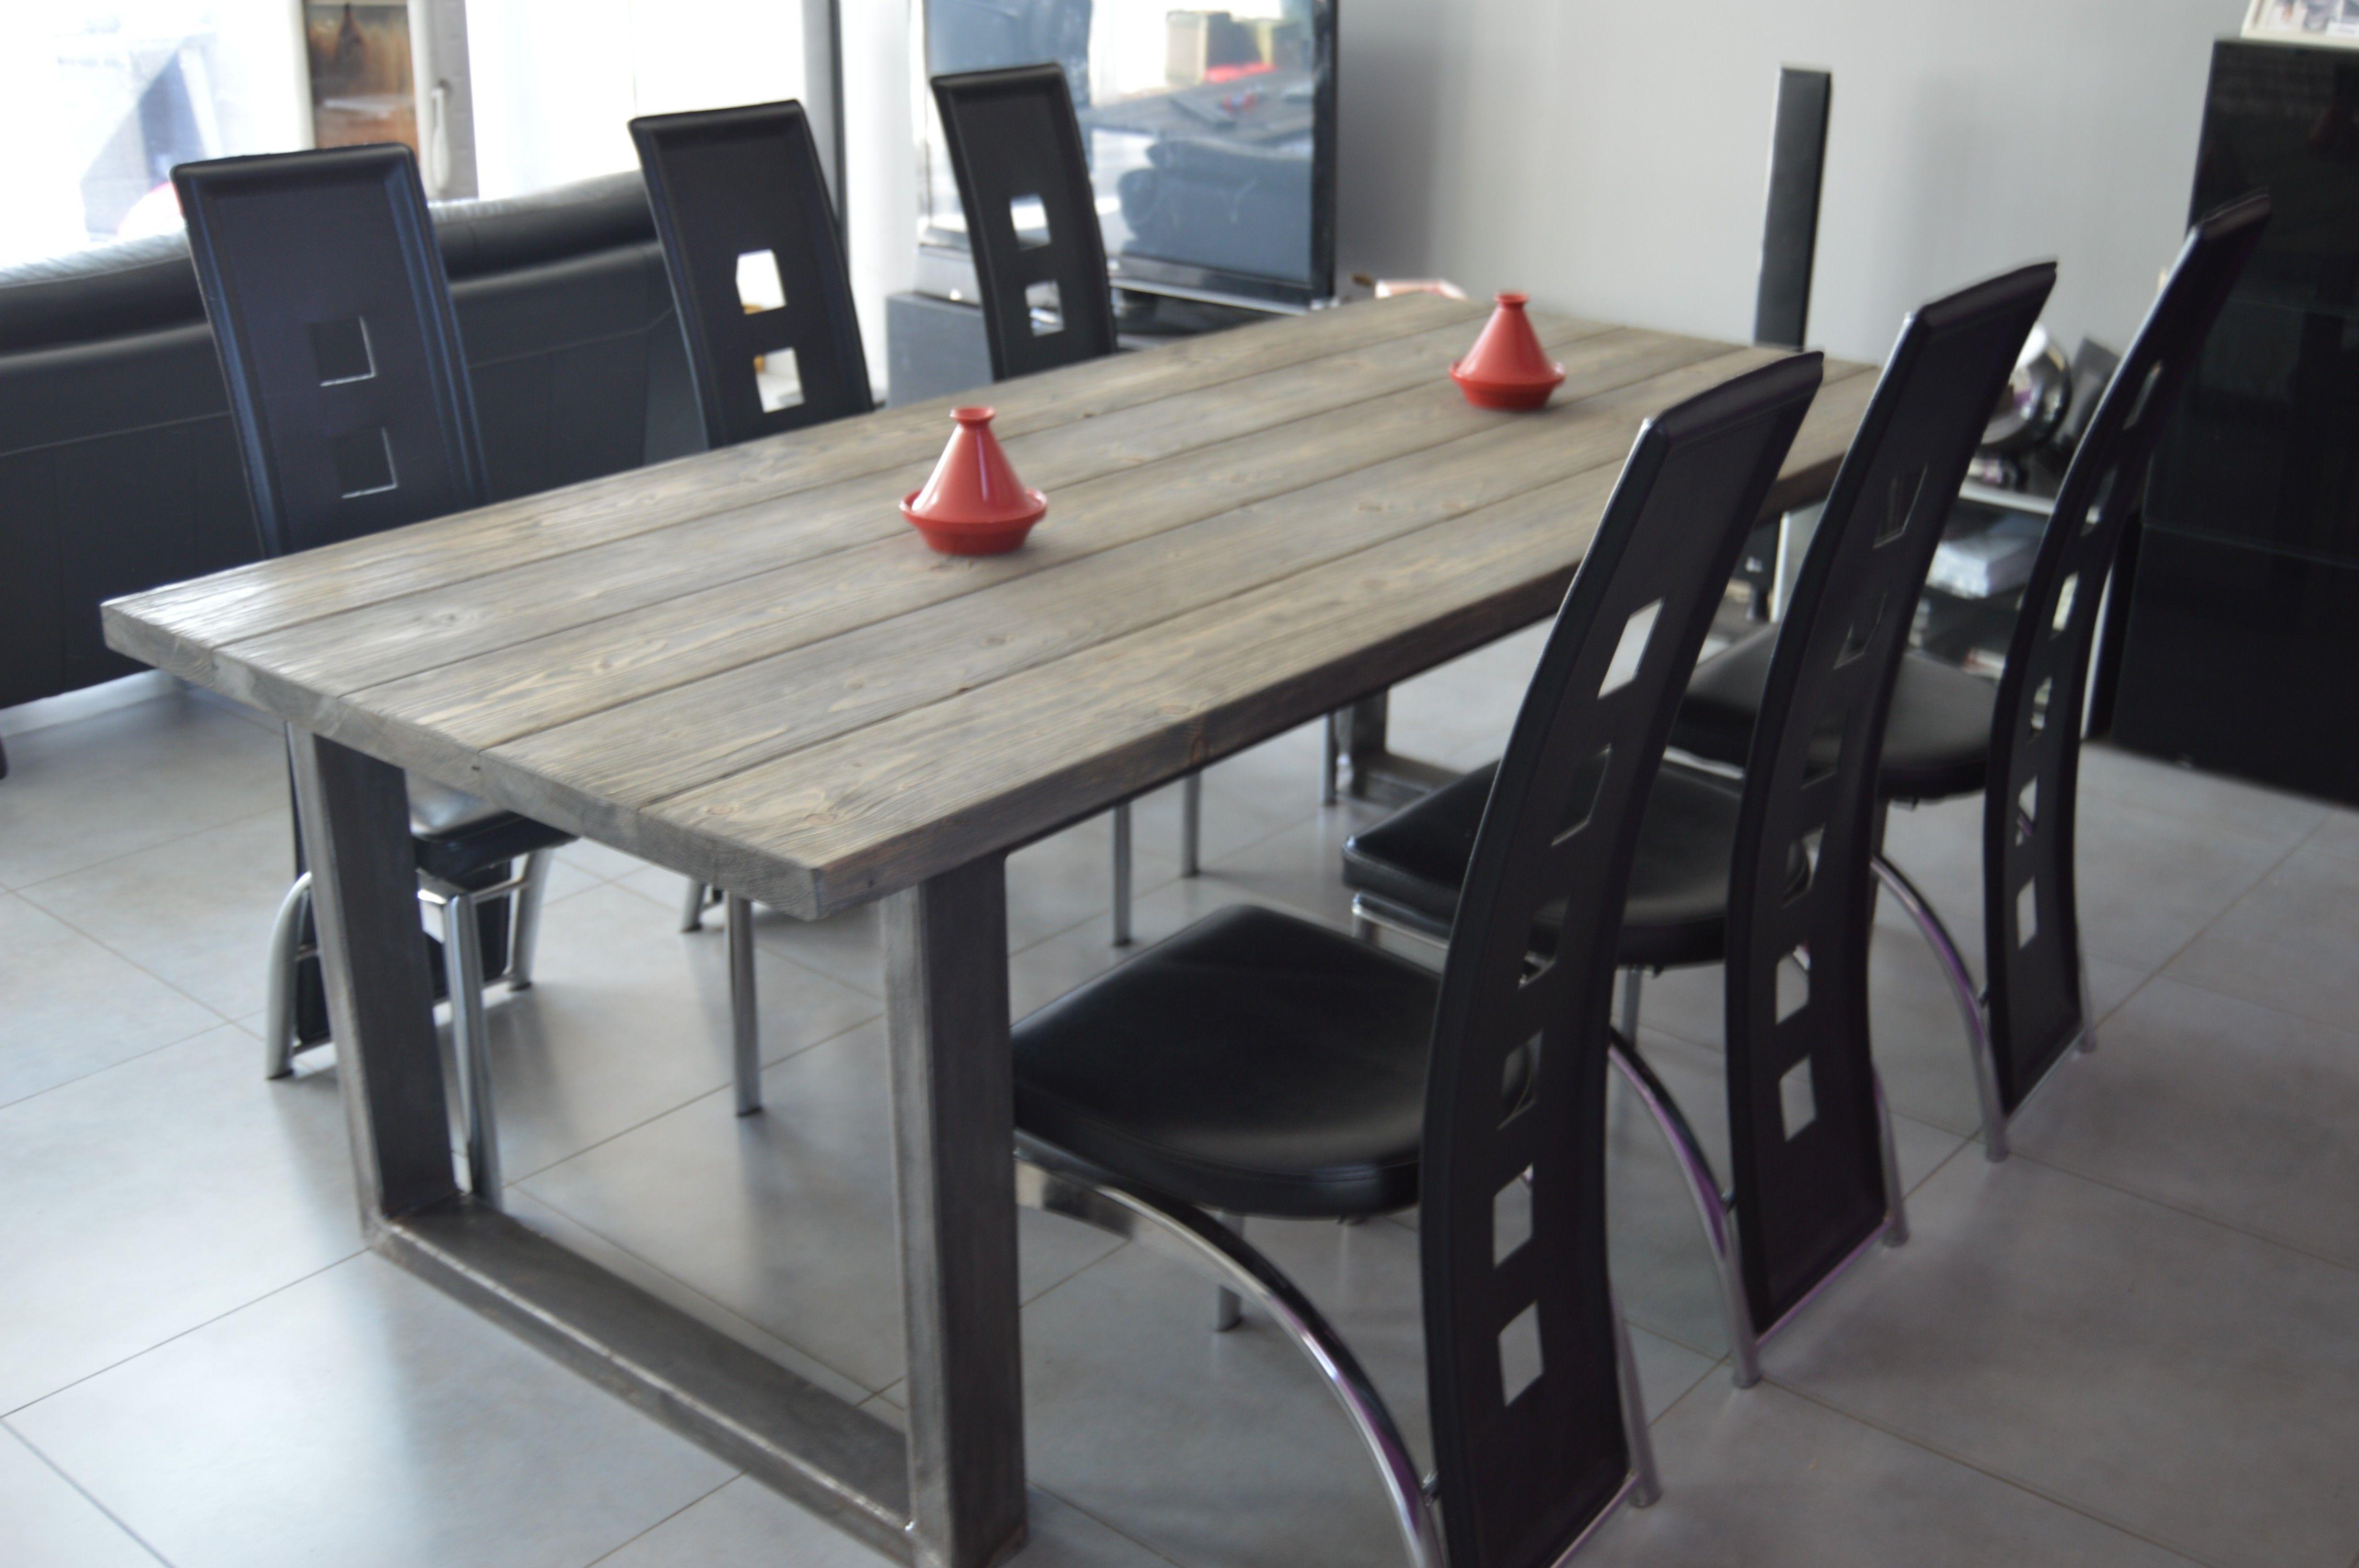 table de salle manger style industriel acier et bois cuisine pinterest style industriel. Black Bedroom Furniture Sets. Home Design Ideas